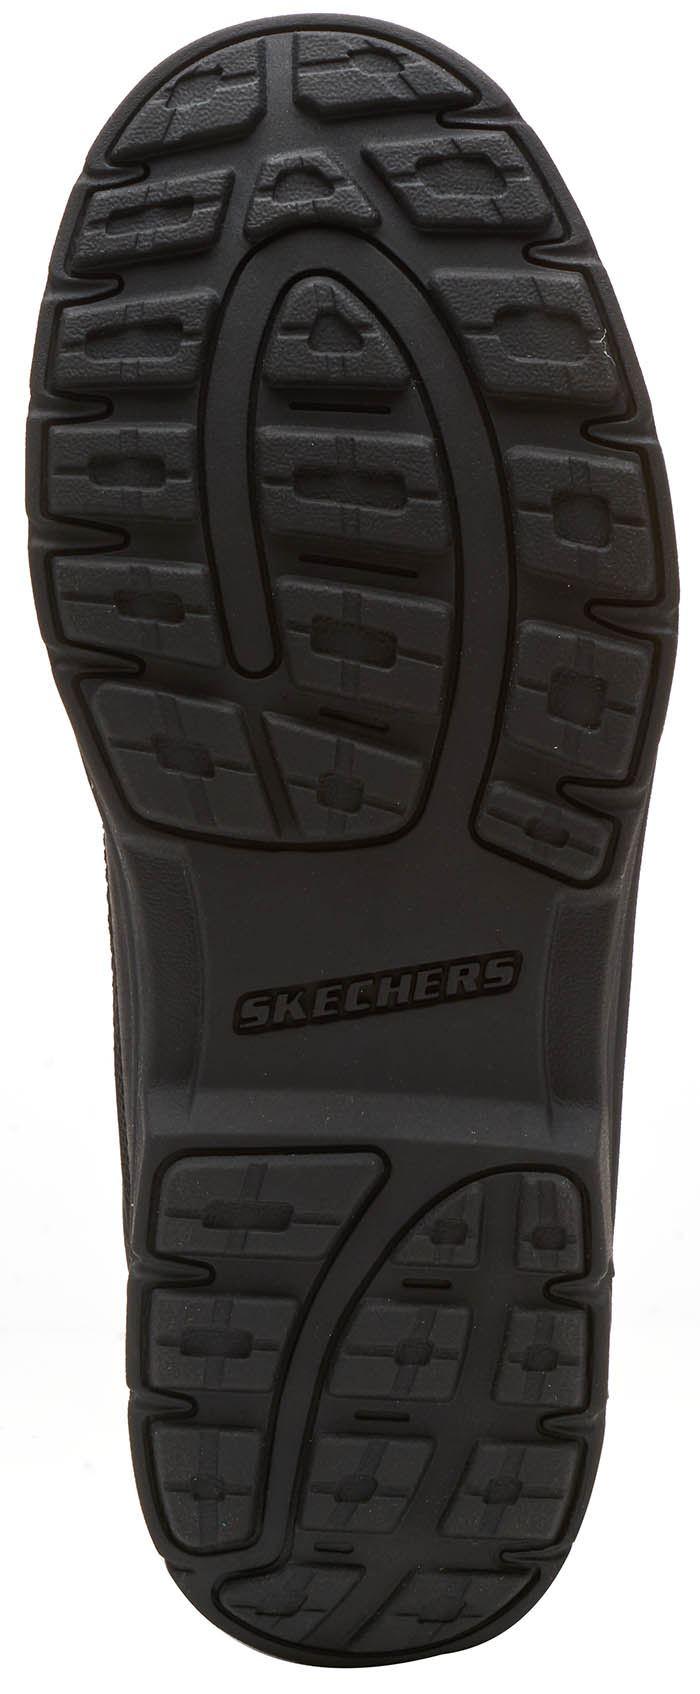 f056b738ca4 Skechers Segment Garnet Ankle Leather Memory Foam Boots in Brown ...